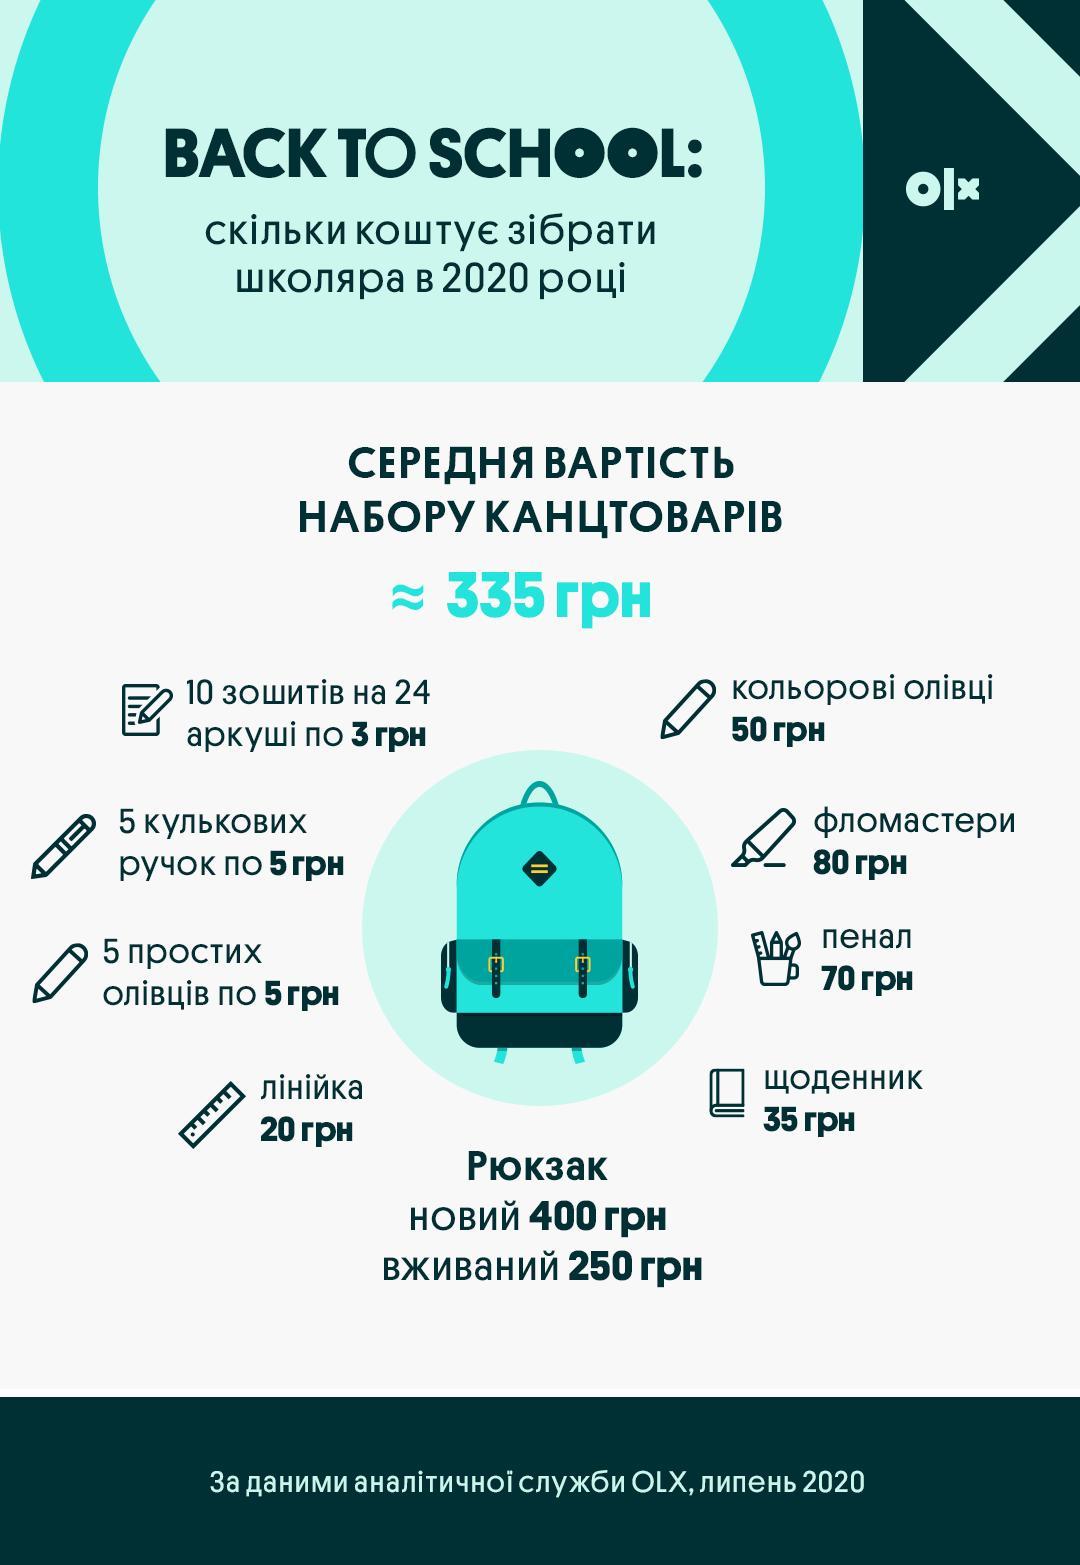 Інфографіка_OLX_Скільки коштує зібрати школяра в 2020 році_Канцтовари